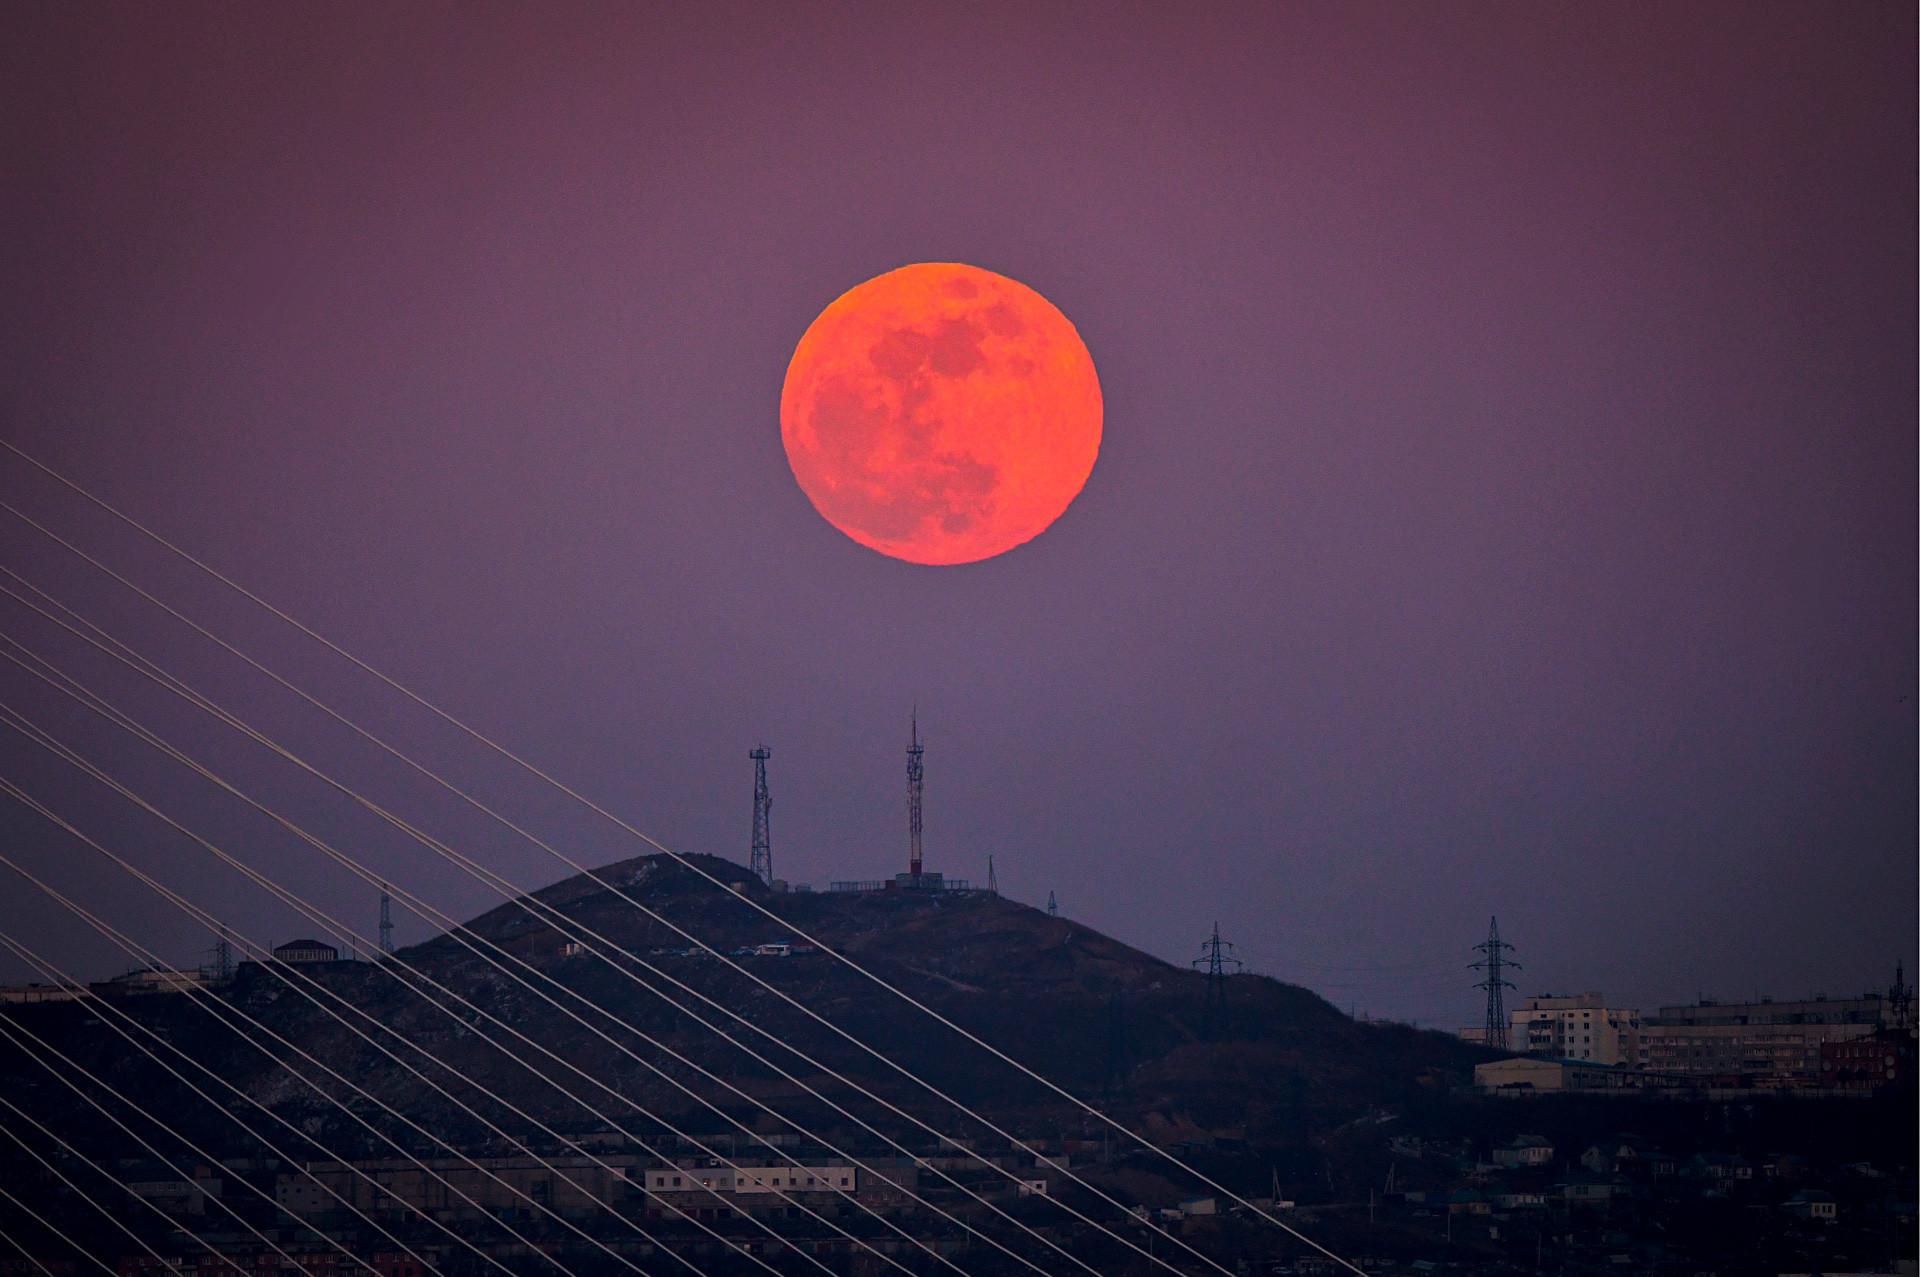 Lua cheia e vermelha sobre colinas na cidade de Vladivostok, no Extremo Oriente